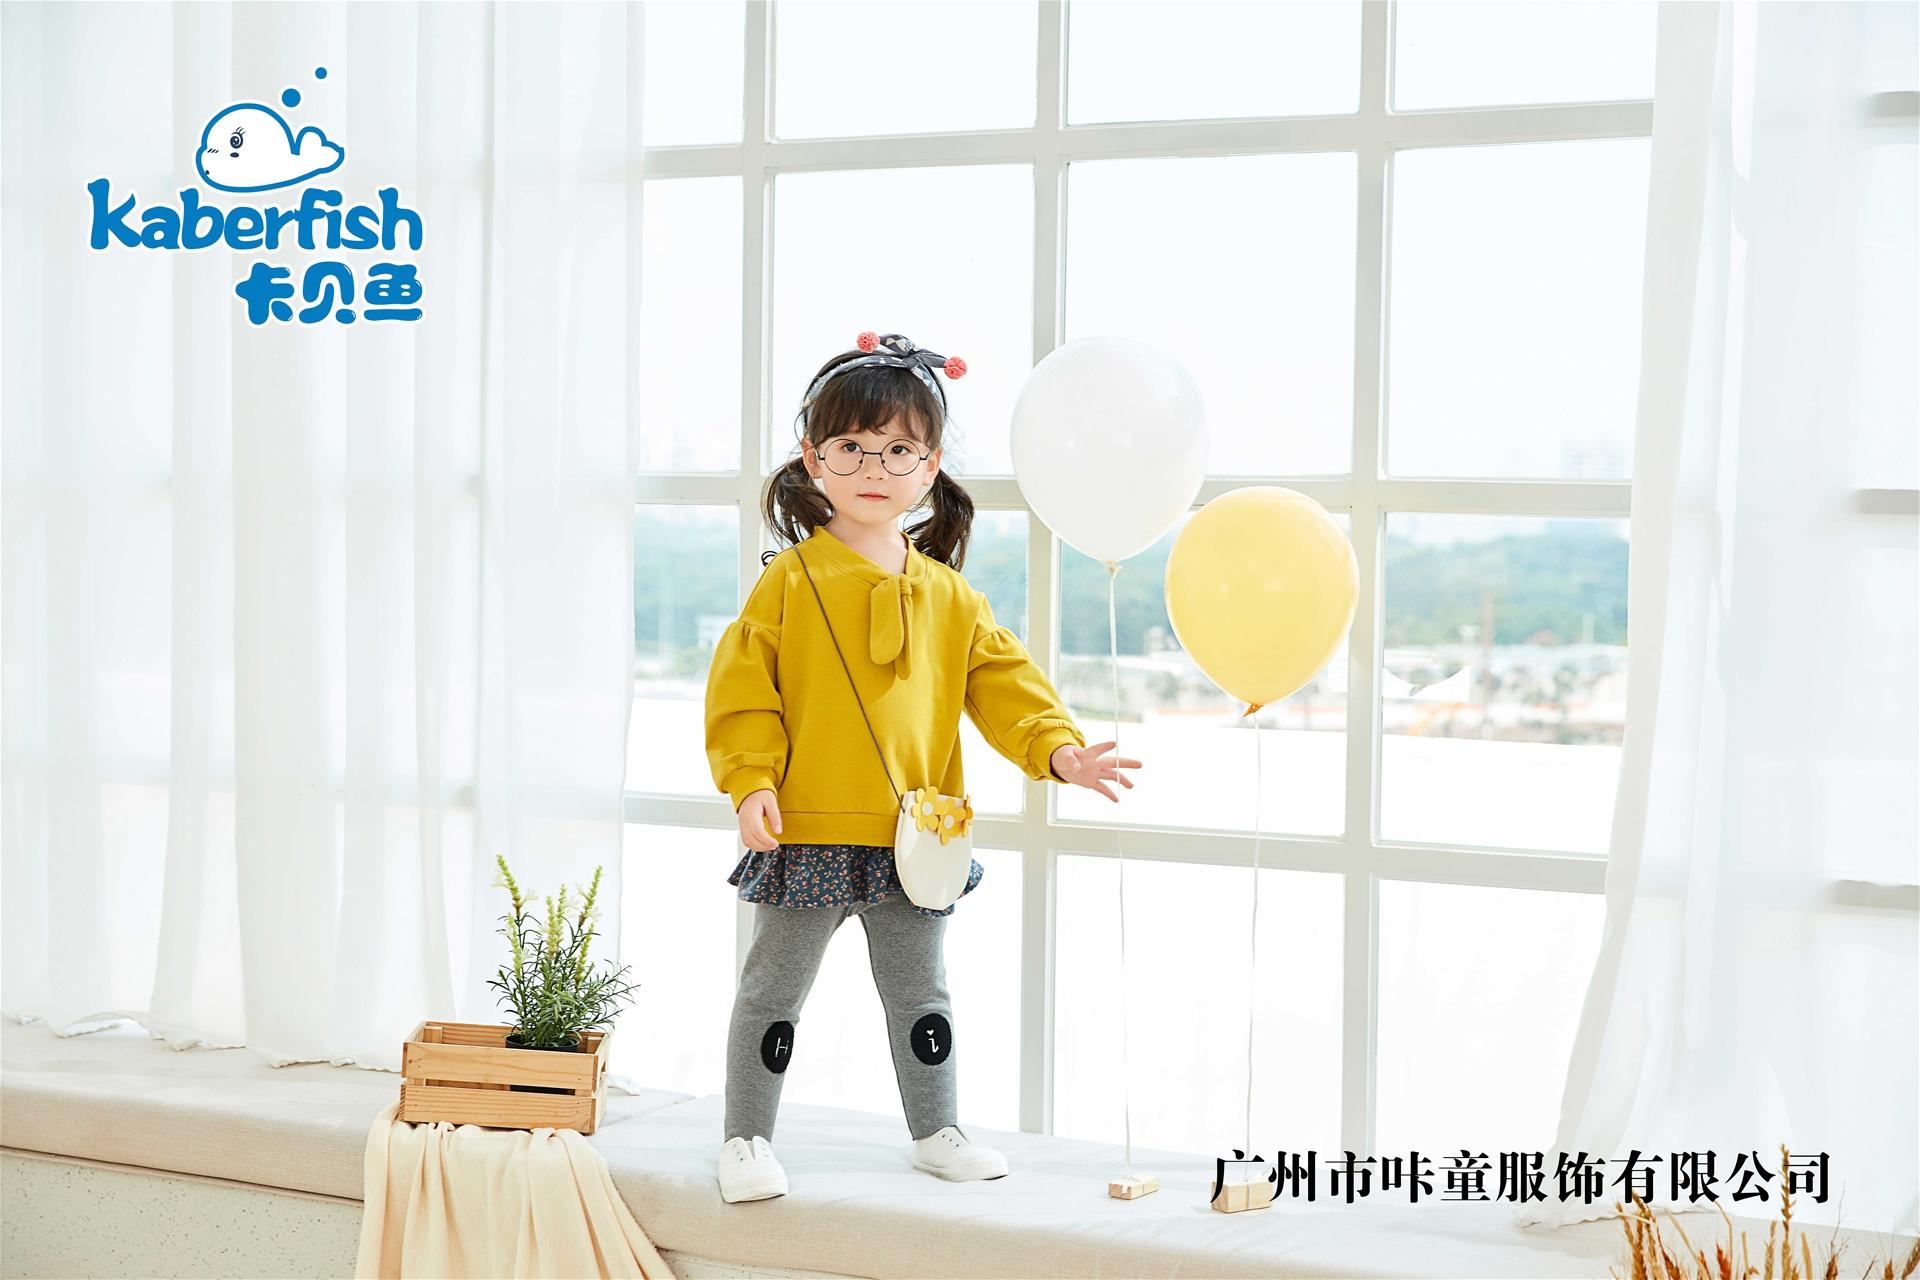 卡贝鱼童装宣传视频